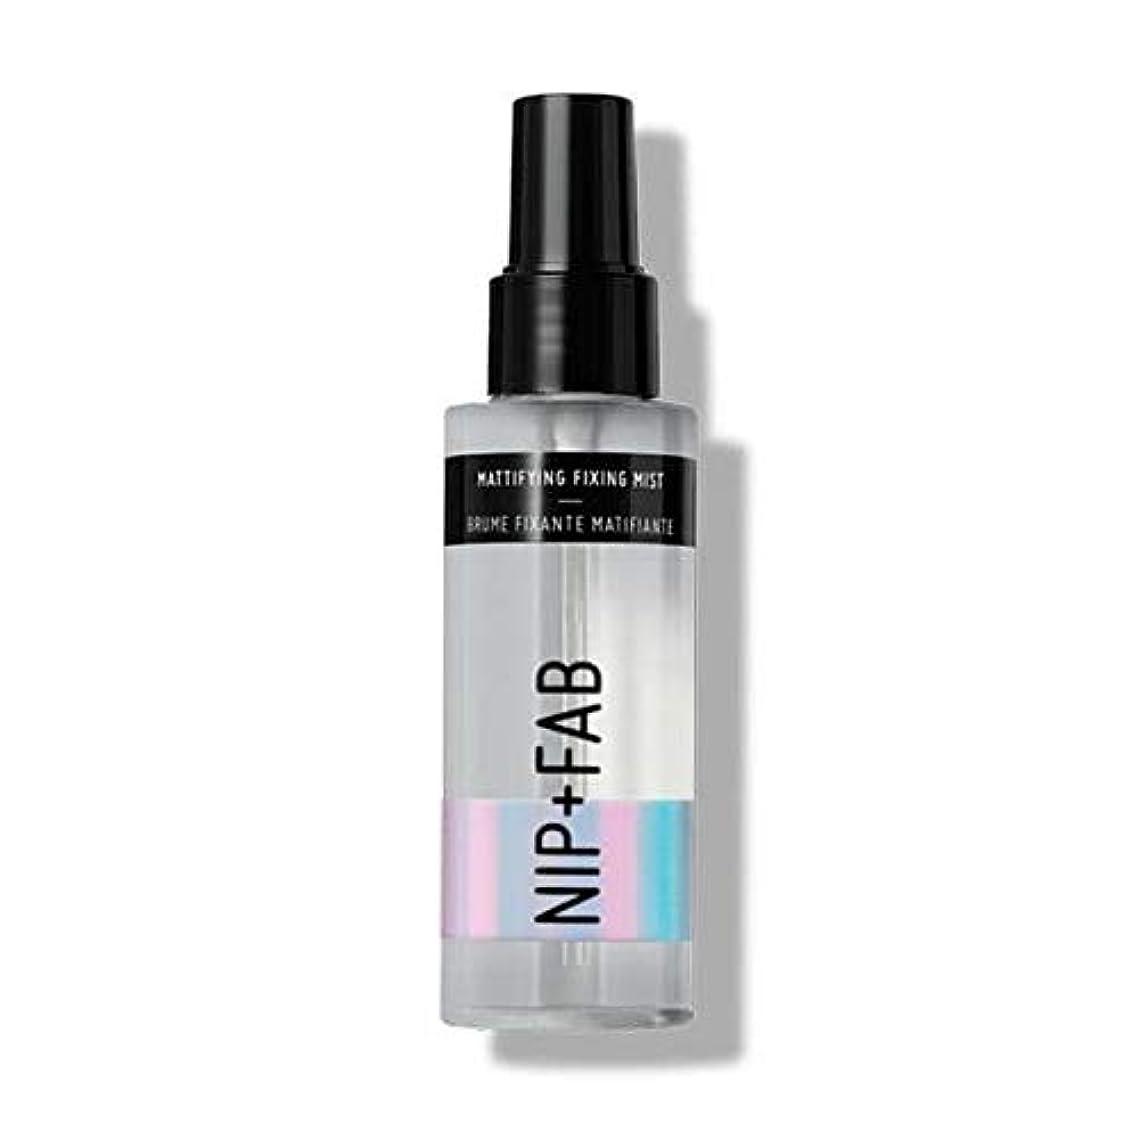 ファンシー世界的にとらえどころのない[Nip & Fab ] ミスト100ミリリットル1を固定艶消し作るFab +ニップ - NIP+FAB Make Up Mattifying Fixing Mist 100ml 1 [並行輸入品]